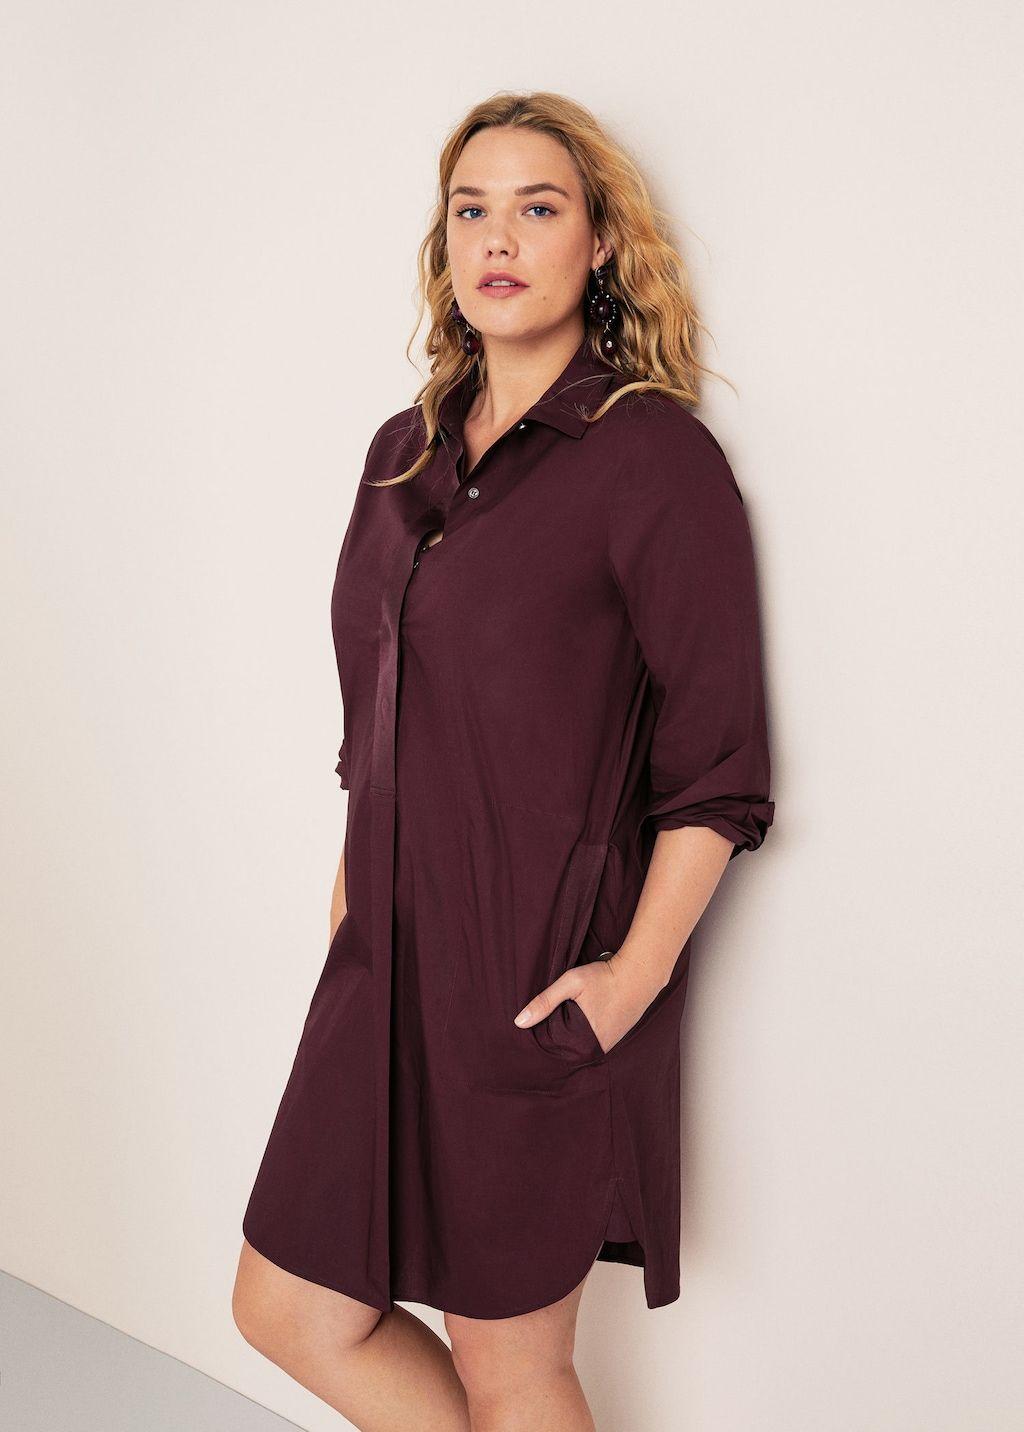 Cotton Shirt Dress Plus Sizes Violeta By Mango United Arab Emirates Cotton Shirt Dress Plus Size Gowns Formal Clothes